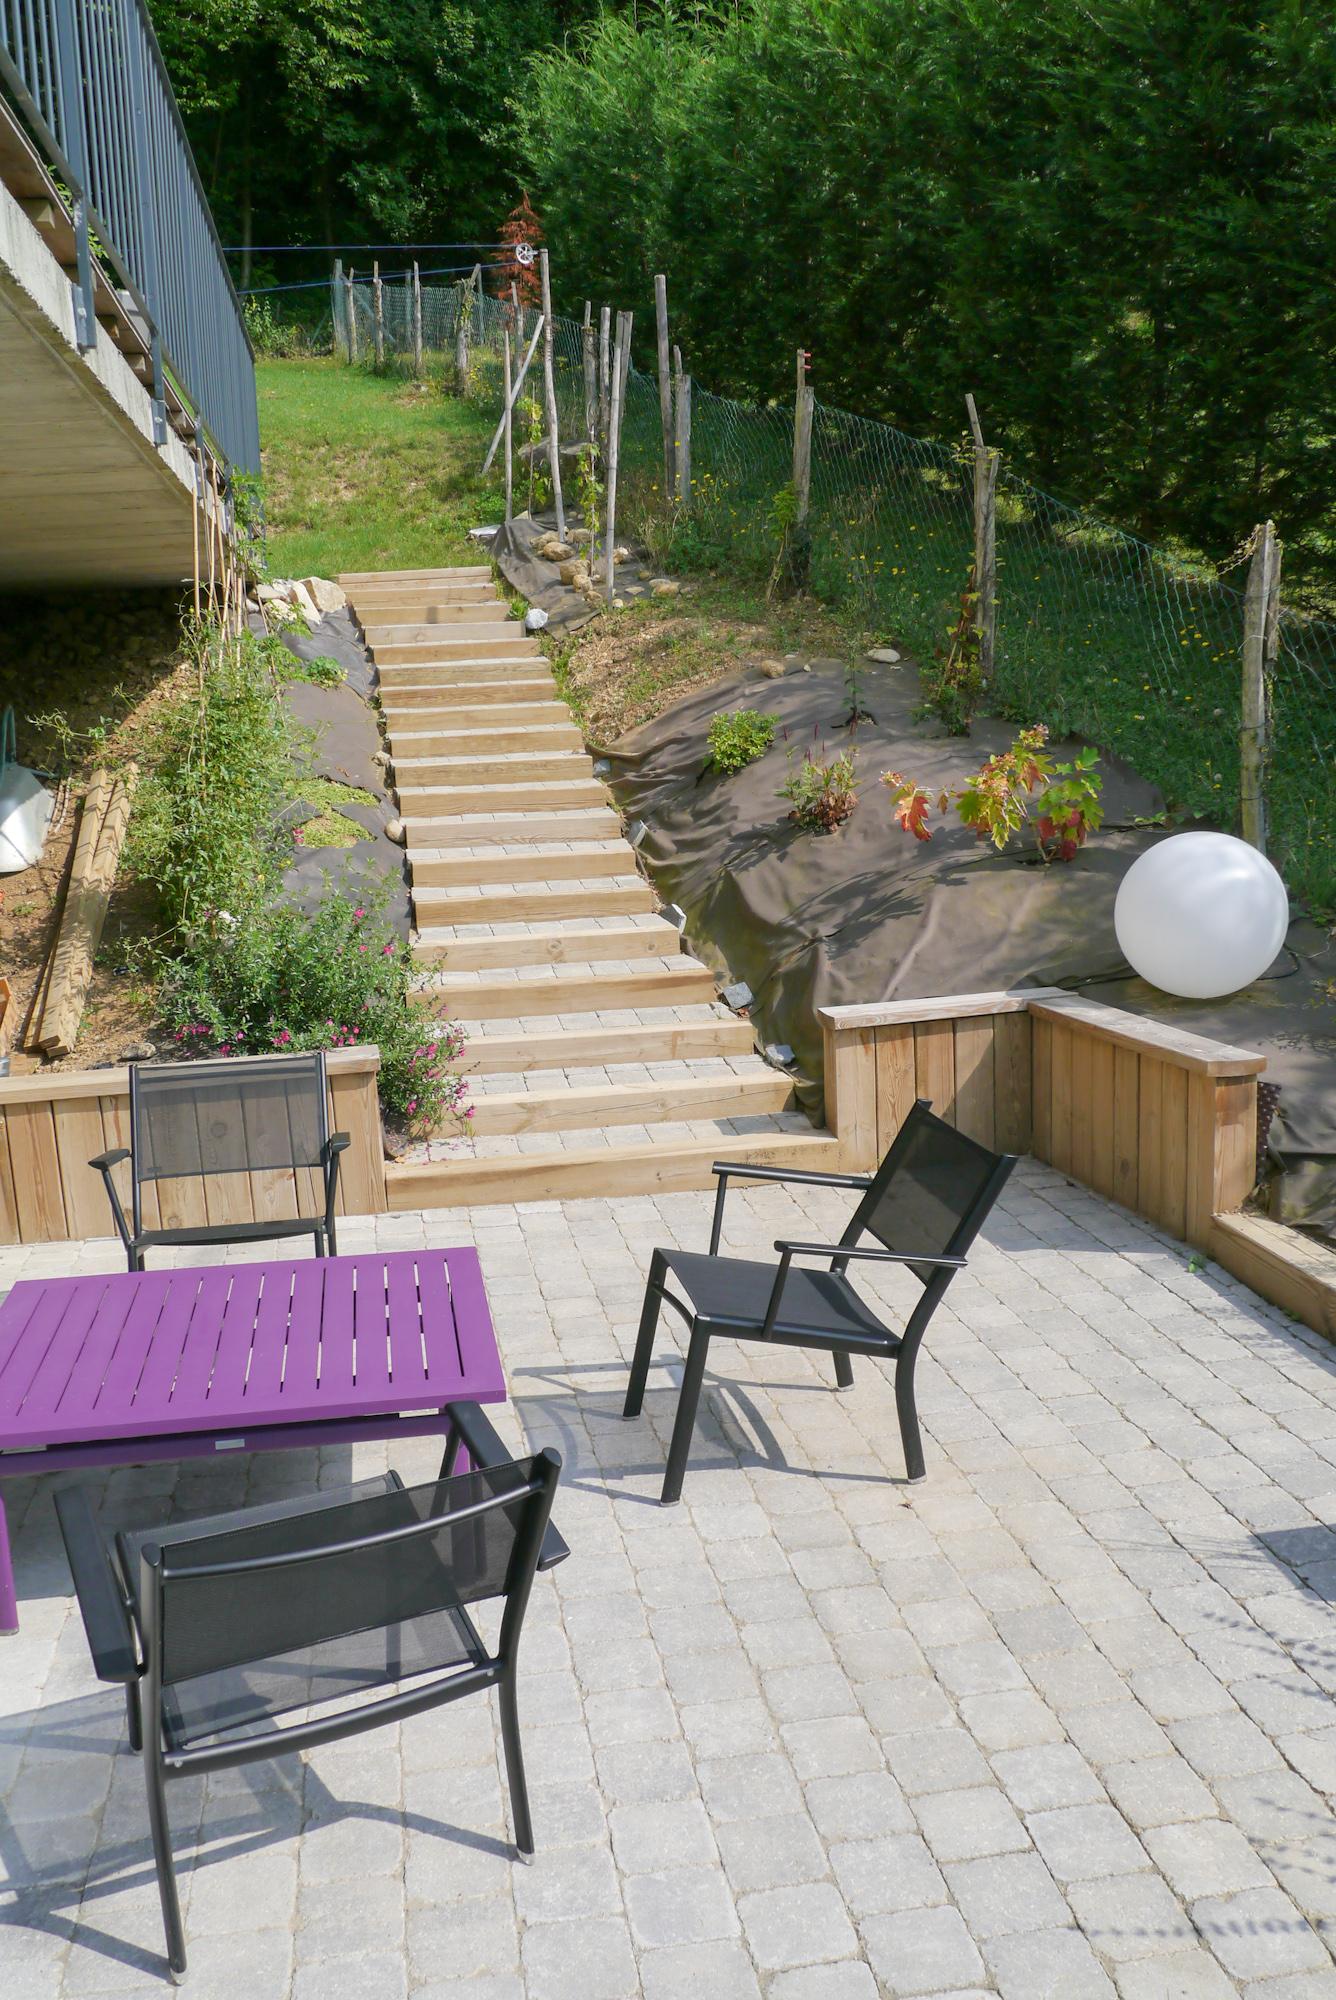 Pente terrasse bois dtu - Pente terrasse bois ...